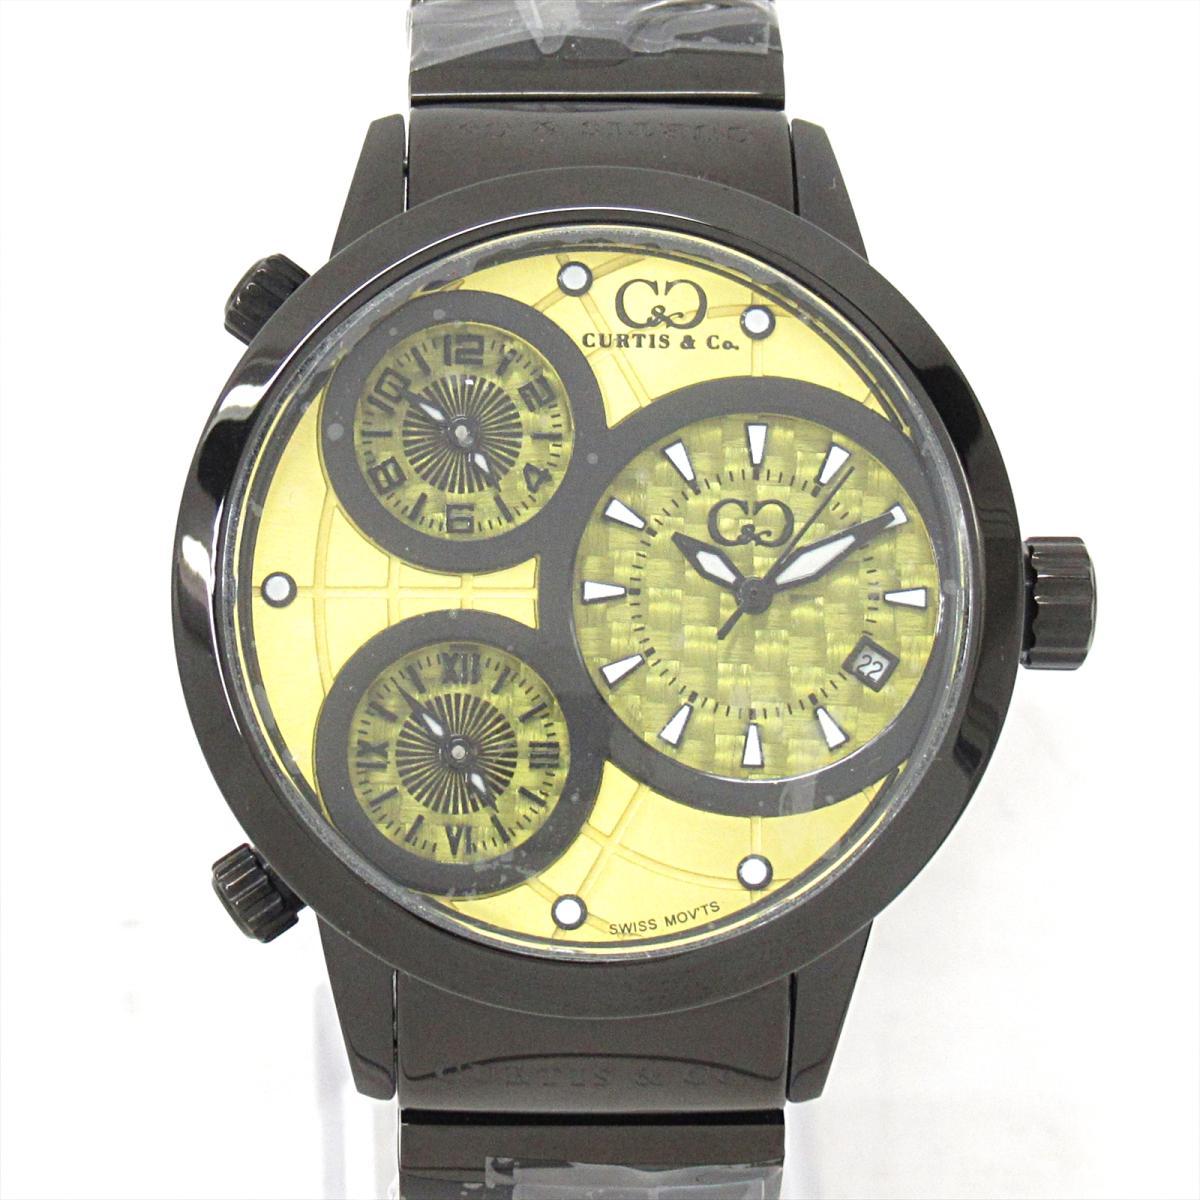 【中古】 セレクション Curtis & Co ビッグタイムワールド 腕時計 ウォッチ メンズ ステンレススチール (SS) (SUW42Y-B) | SELECTION CURTIS ビッグタイムワールド 美品 ブランドオフ